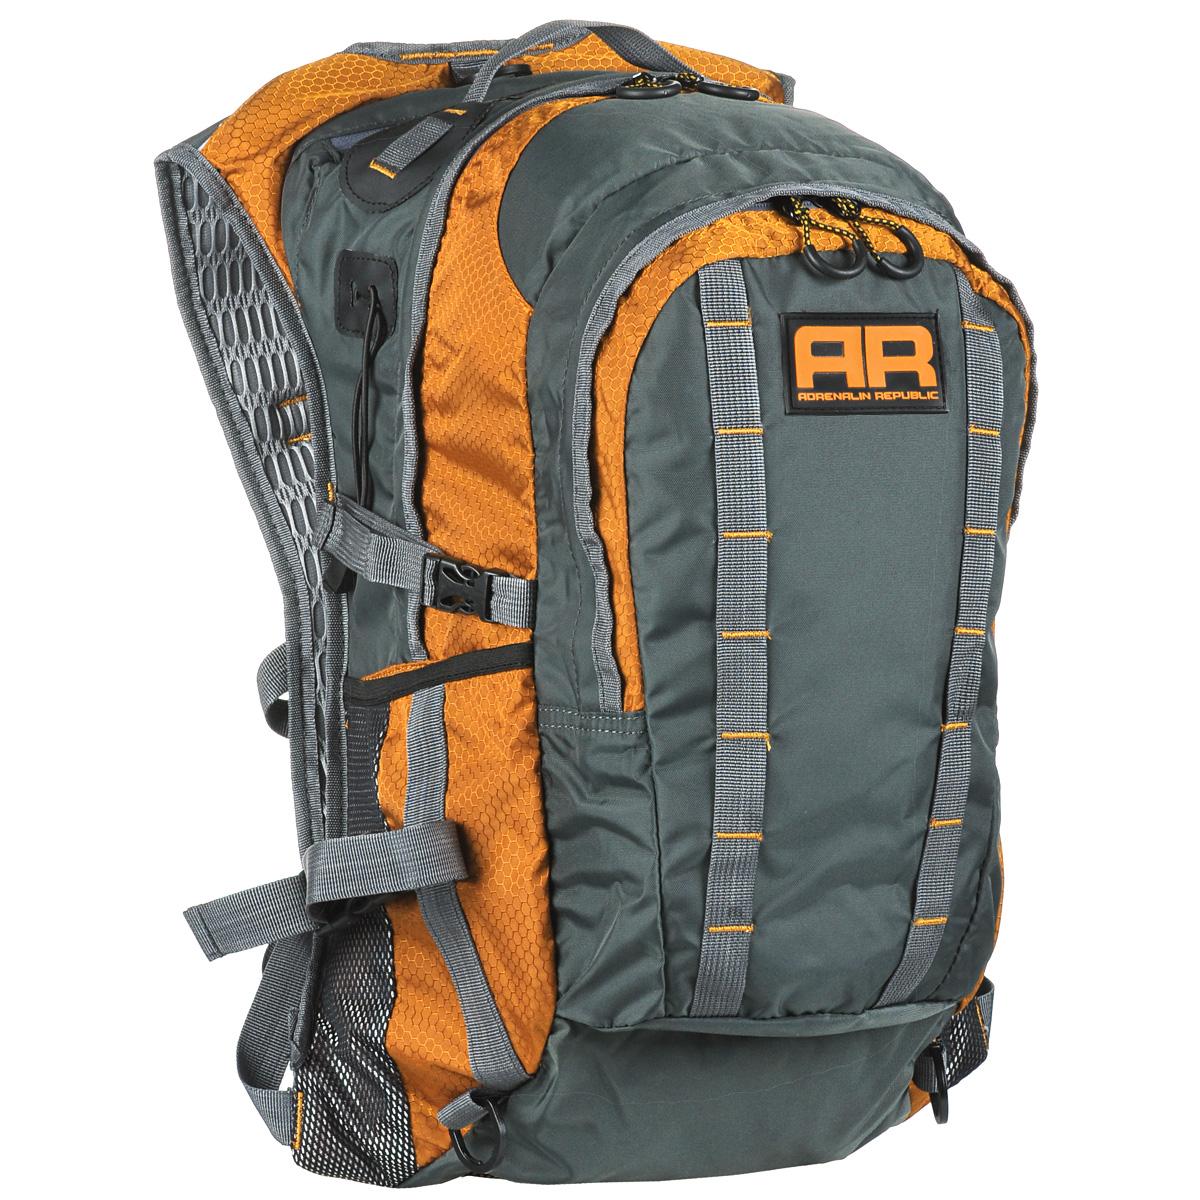 Рюкзак Adrenalin Republic Backpack XL, цвет: оранжевый, серый, 40 л80770Рюкзак Adrenalin Republic Backpack XL – это легкий, вместительный и прочные рюкзак со множеством дополнительных карманов. Собрались на продолжительную рыбалку? Подвесная система рюкзака Adrenalin Republic Backpack XL не стесняет маневренность, а при помощи быстрой регулировки длины плечевых лямок вы равномерно распределите переносимый вес. Оригинальный дизайн, износостойкие материалы и удобная конструкция рыболовного рюкзака Adrenalin Republic Backpack XL означают комфорт и незабываемые дни, проведенные на рыбалке.